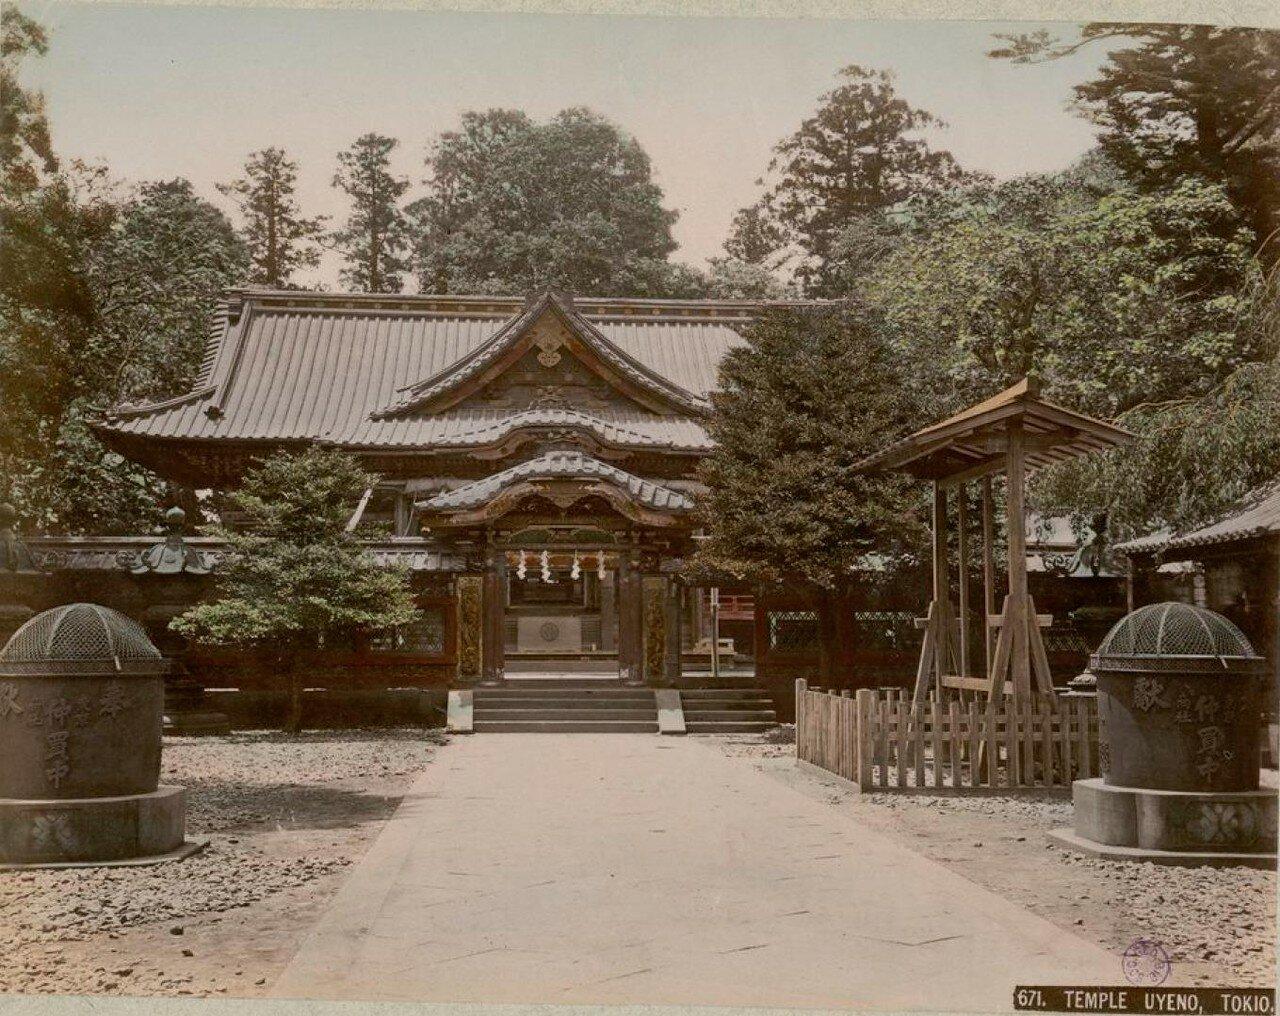 Токио. Высочайше пожалованный парк Уэно. Храм Уэно Тосёгу